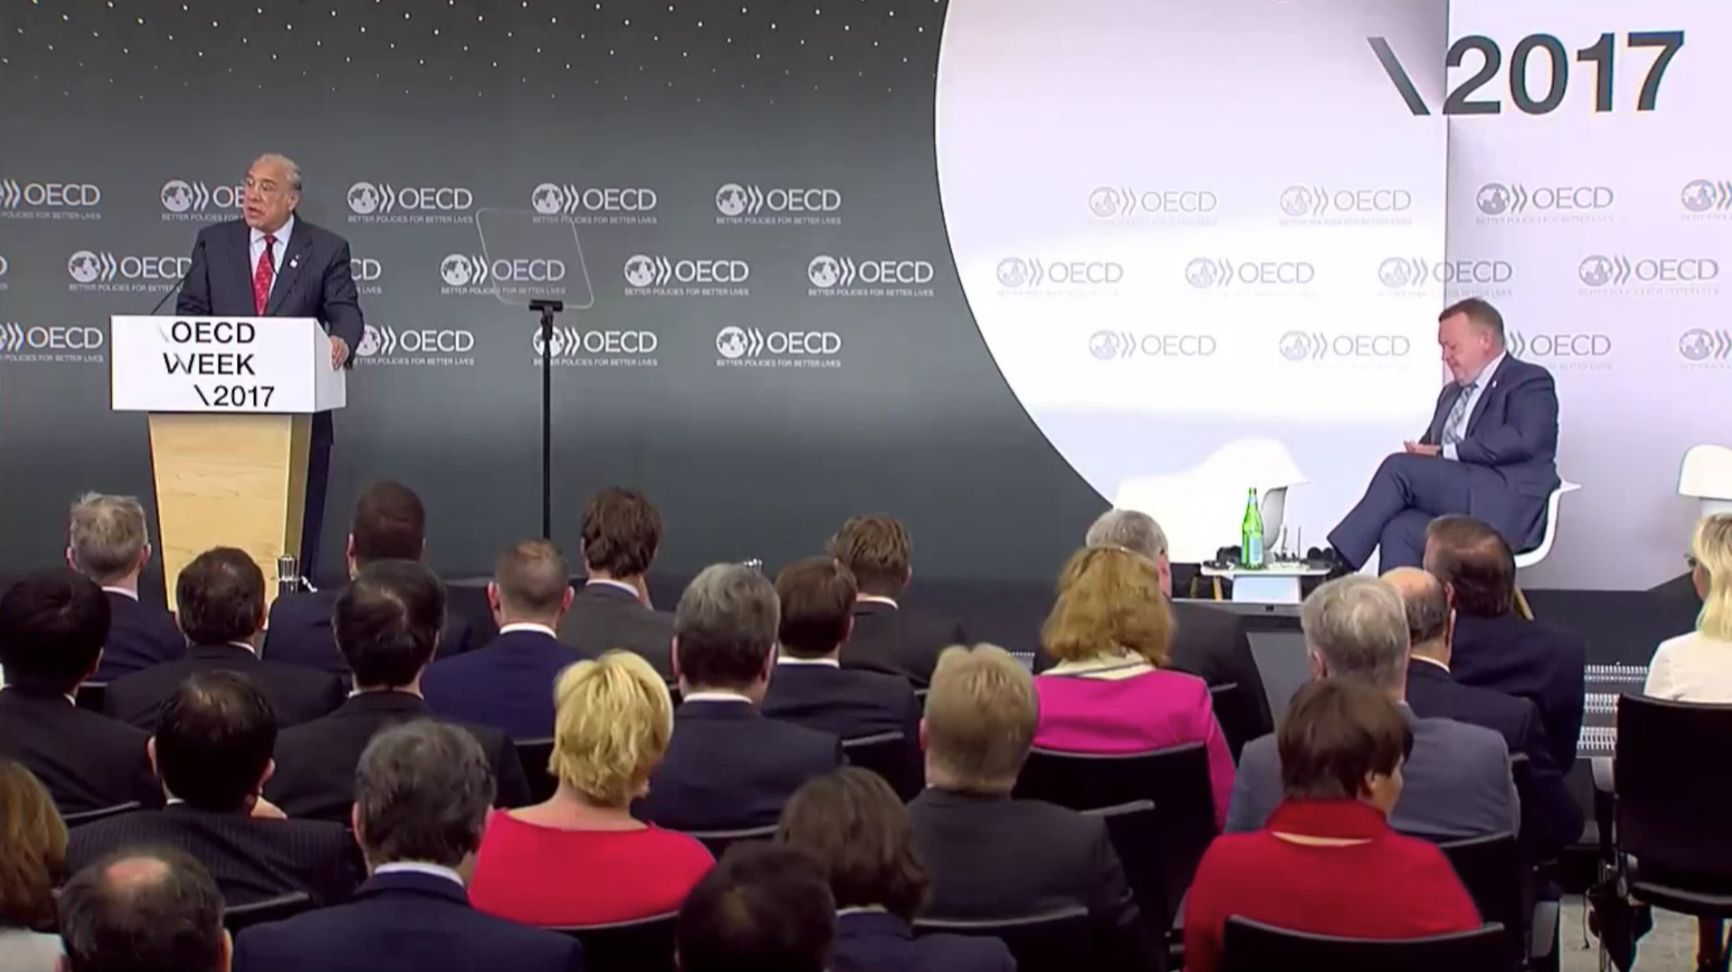 El endeudamiento en el sector privado y en los hogares genera preocupación en la OCDE, especialmente en países como China.